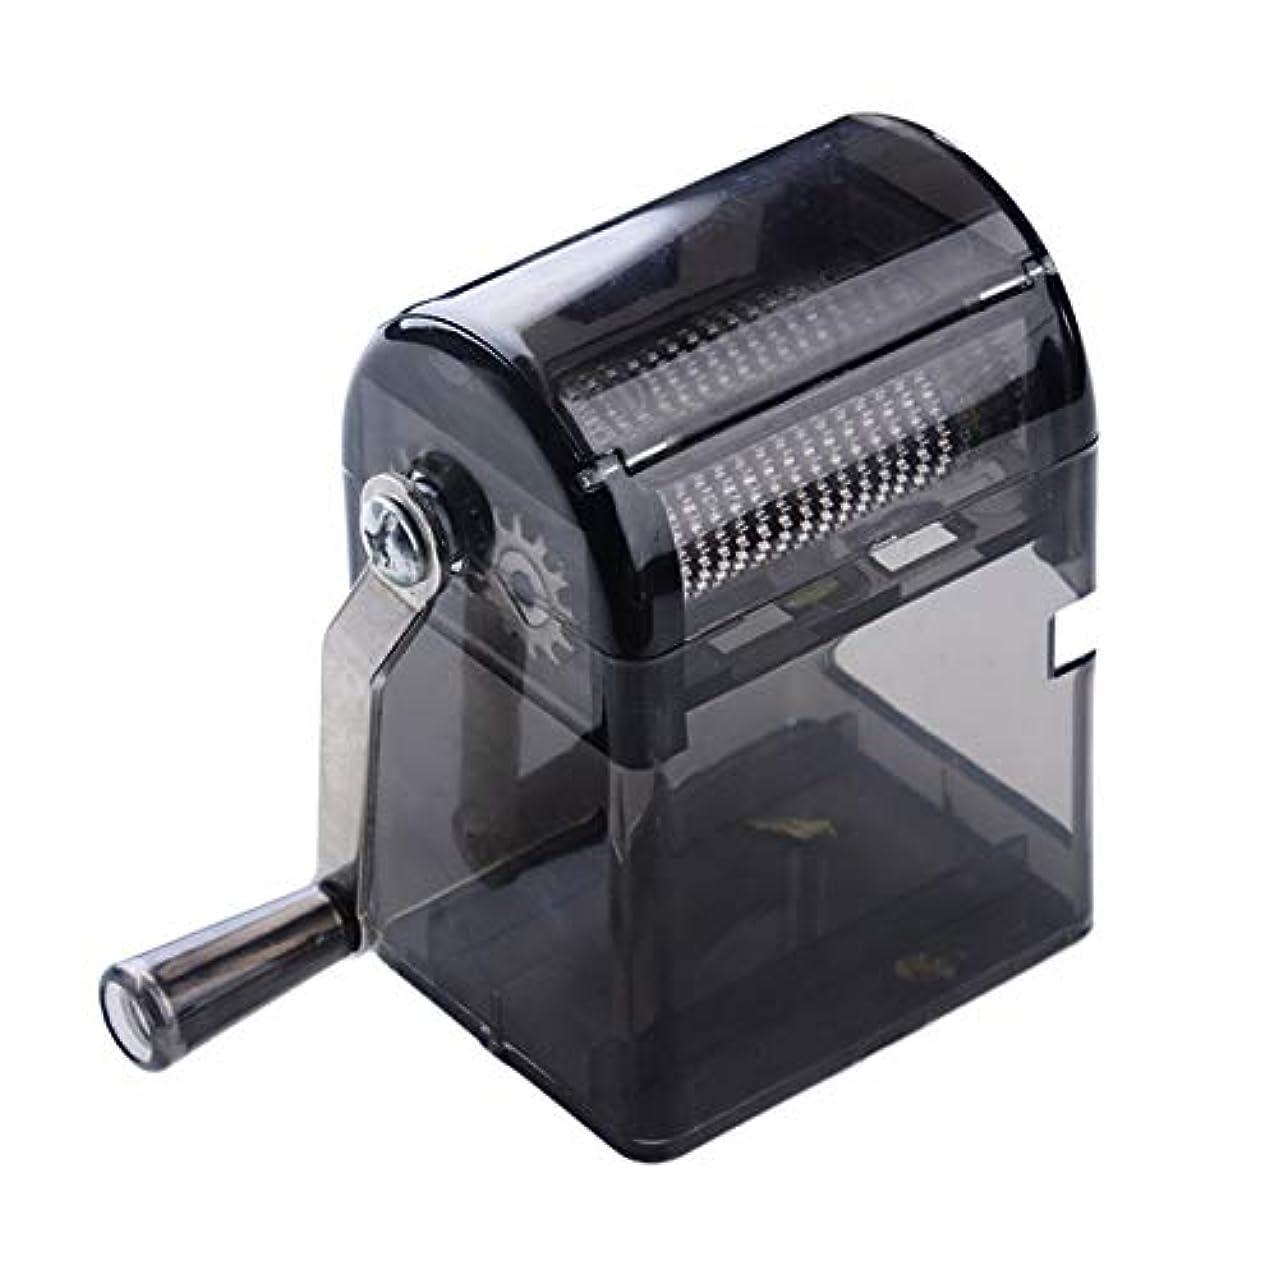 Saikogoods シンプルなデザイン手回しタバコグラインダー耐久性のある利用タバコハーブスパイスクラッシャーマニュアルミュラータバコ用品 黒